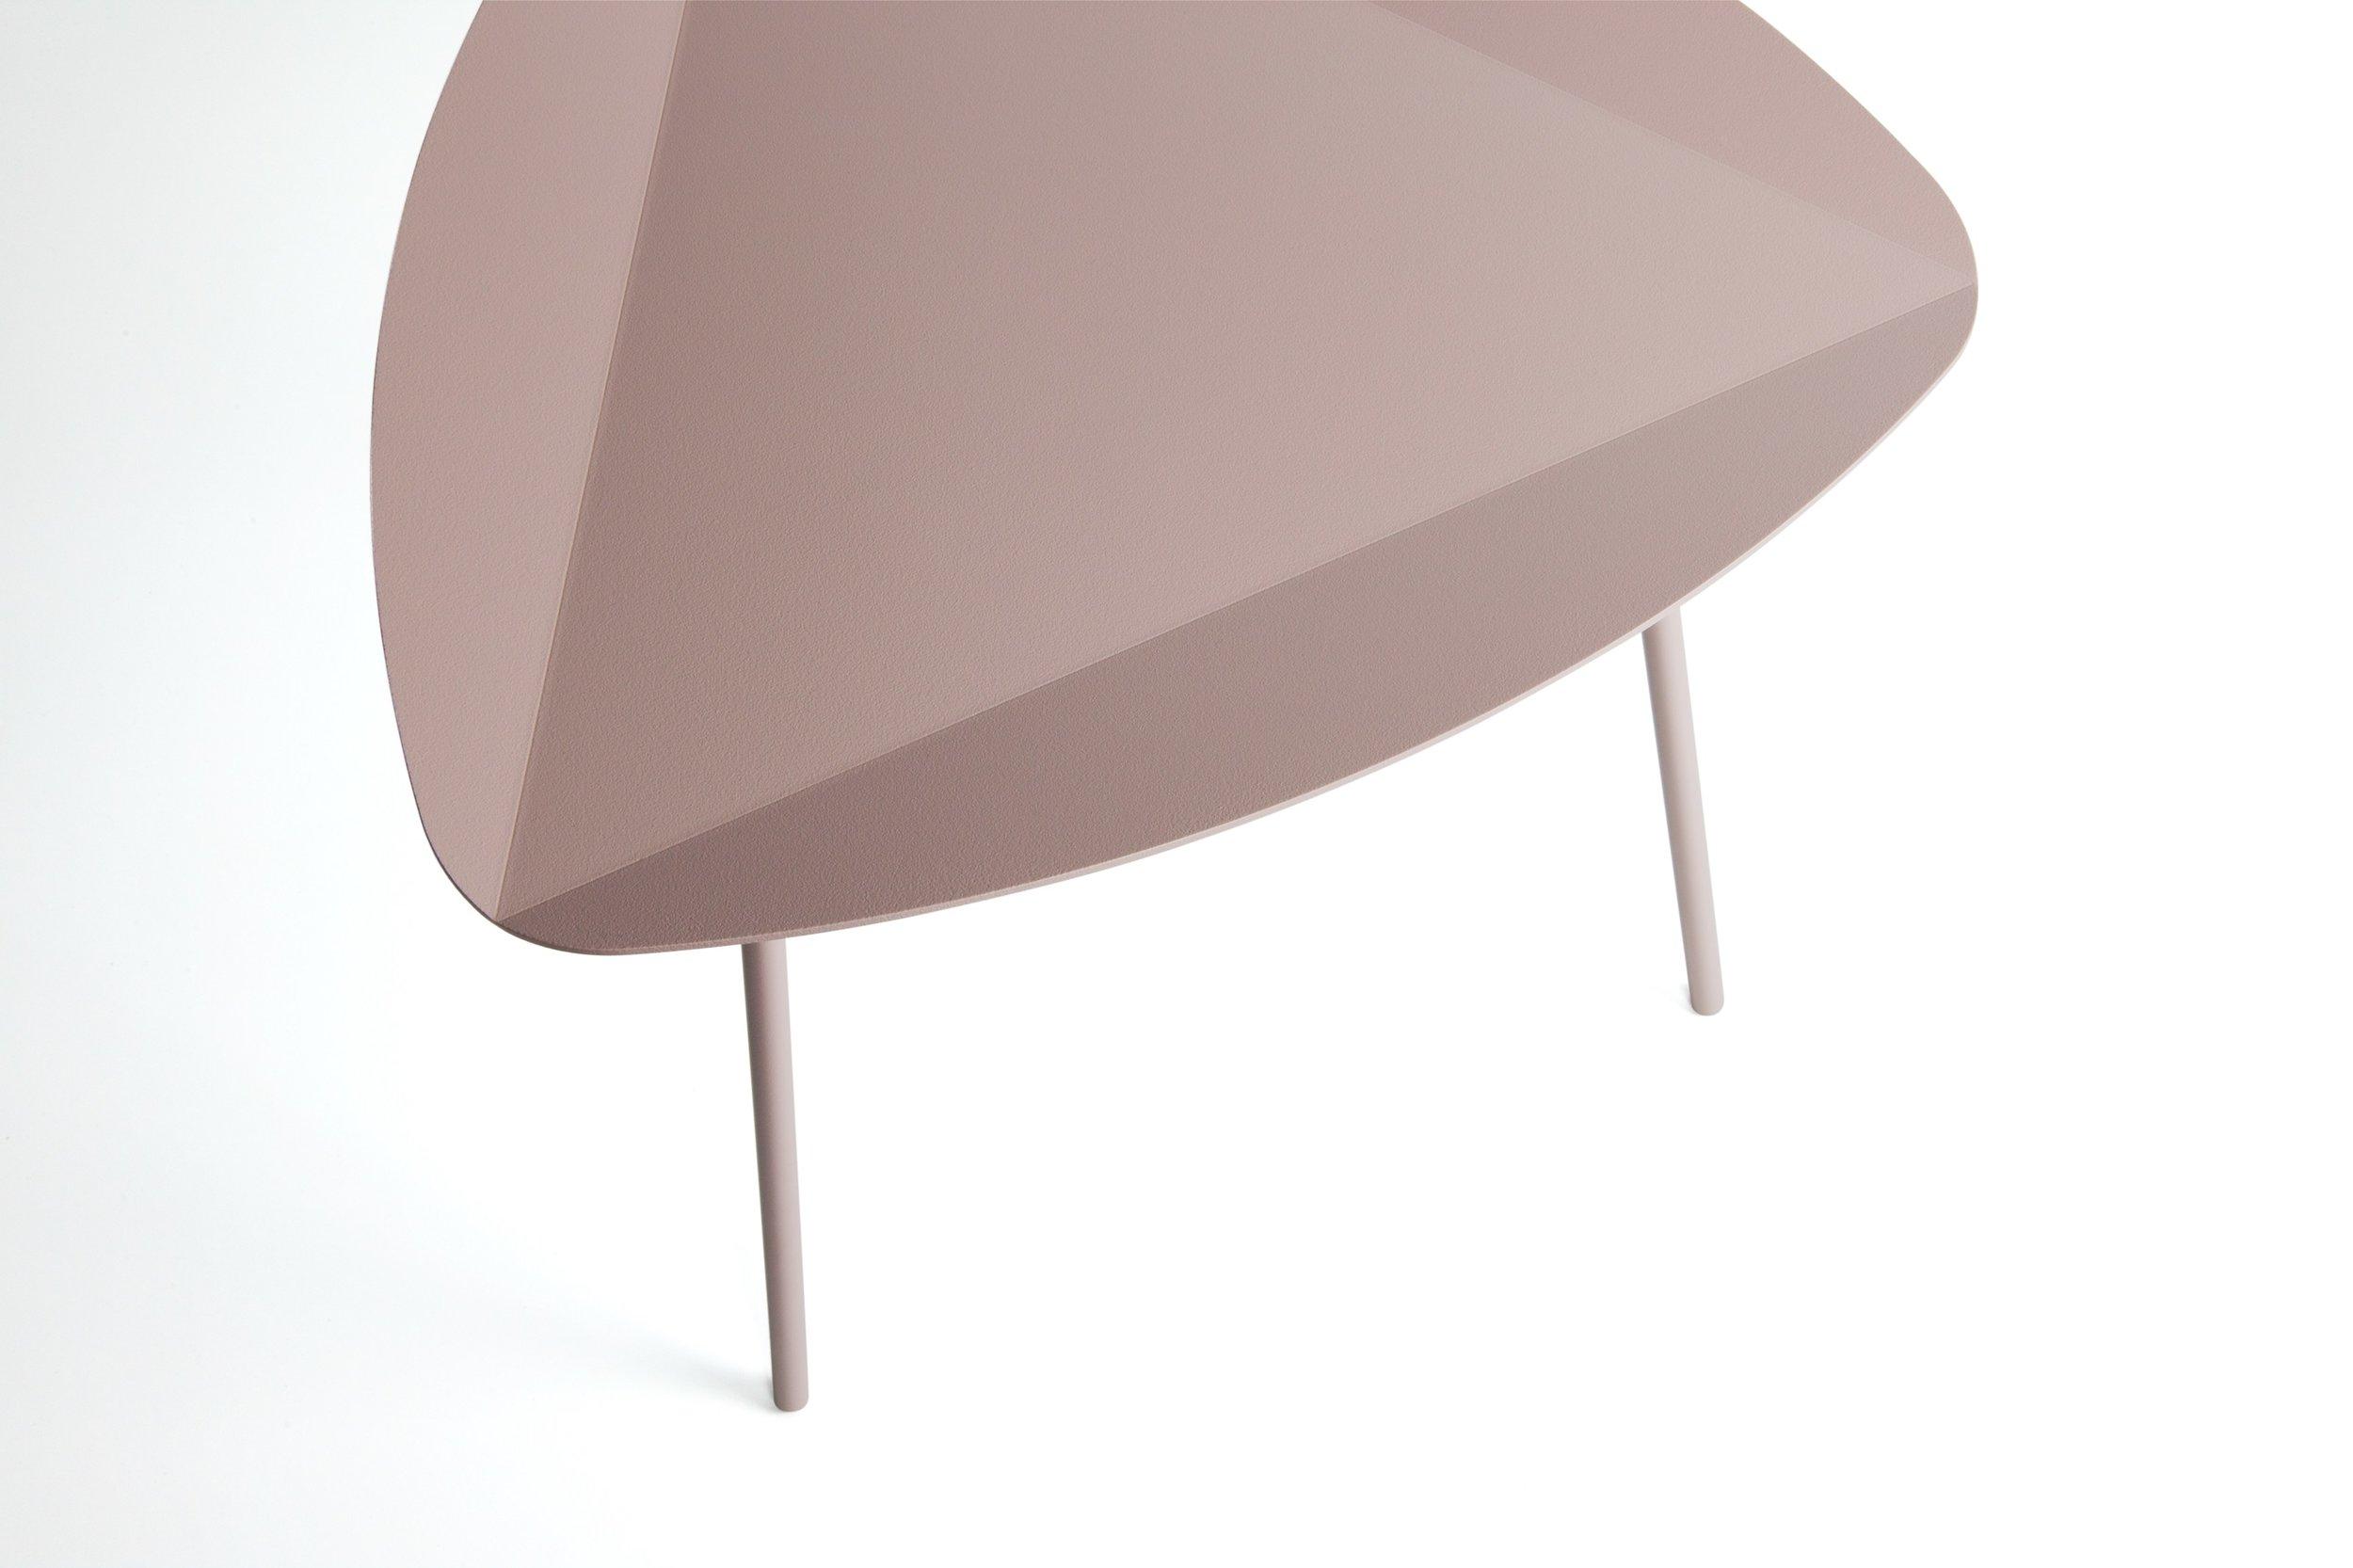 LEITO-Triangular-coffee-table-joval-238695-prel3837b855.jpg